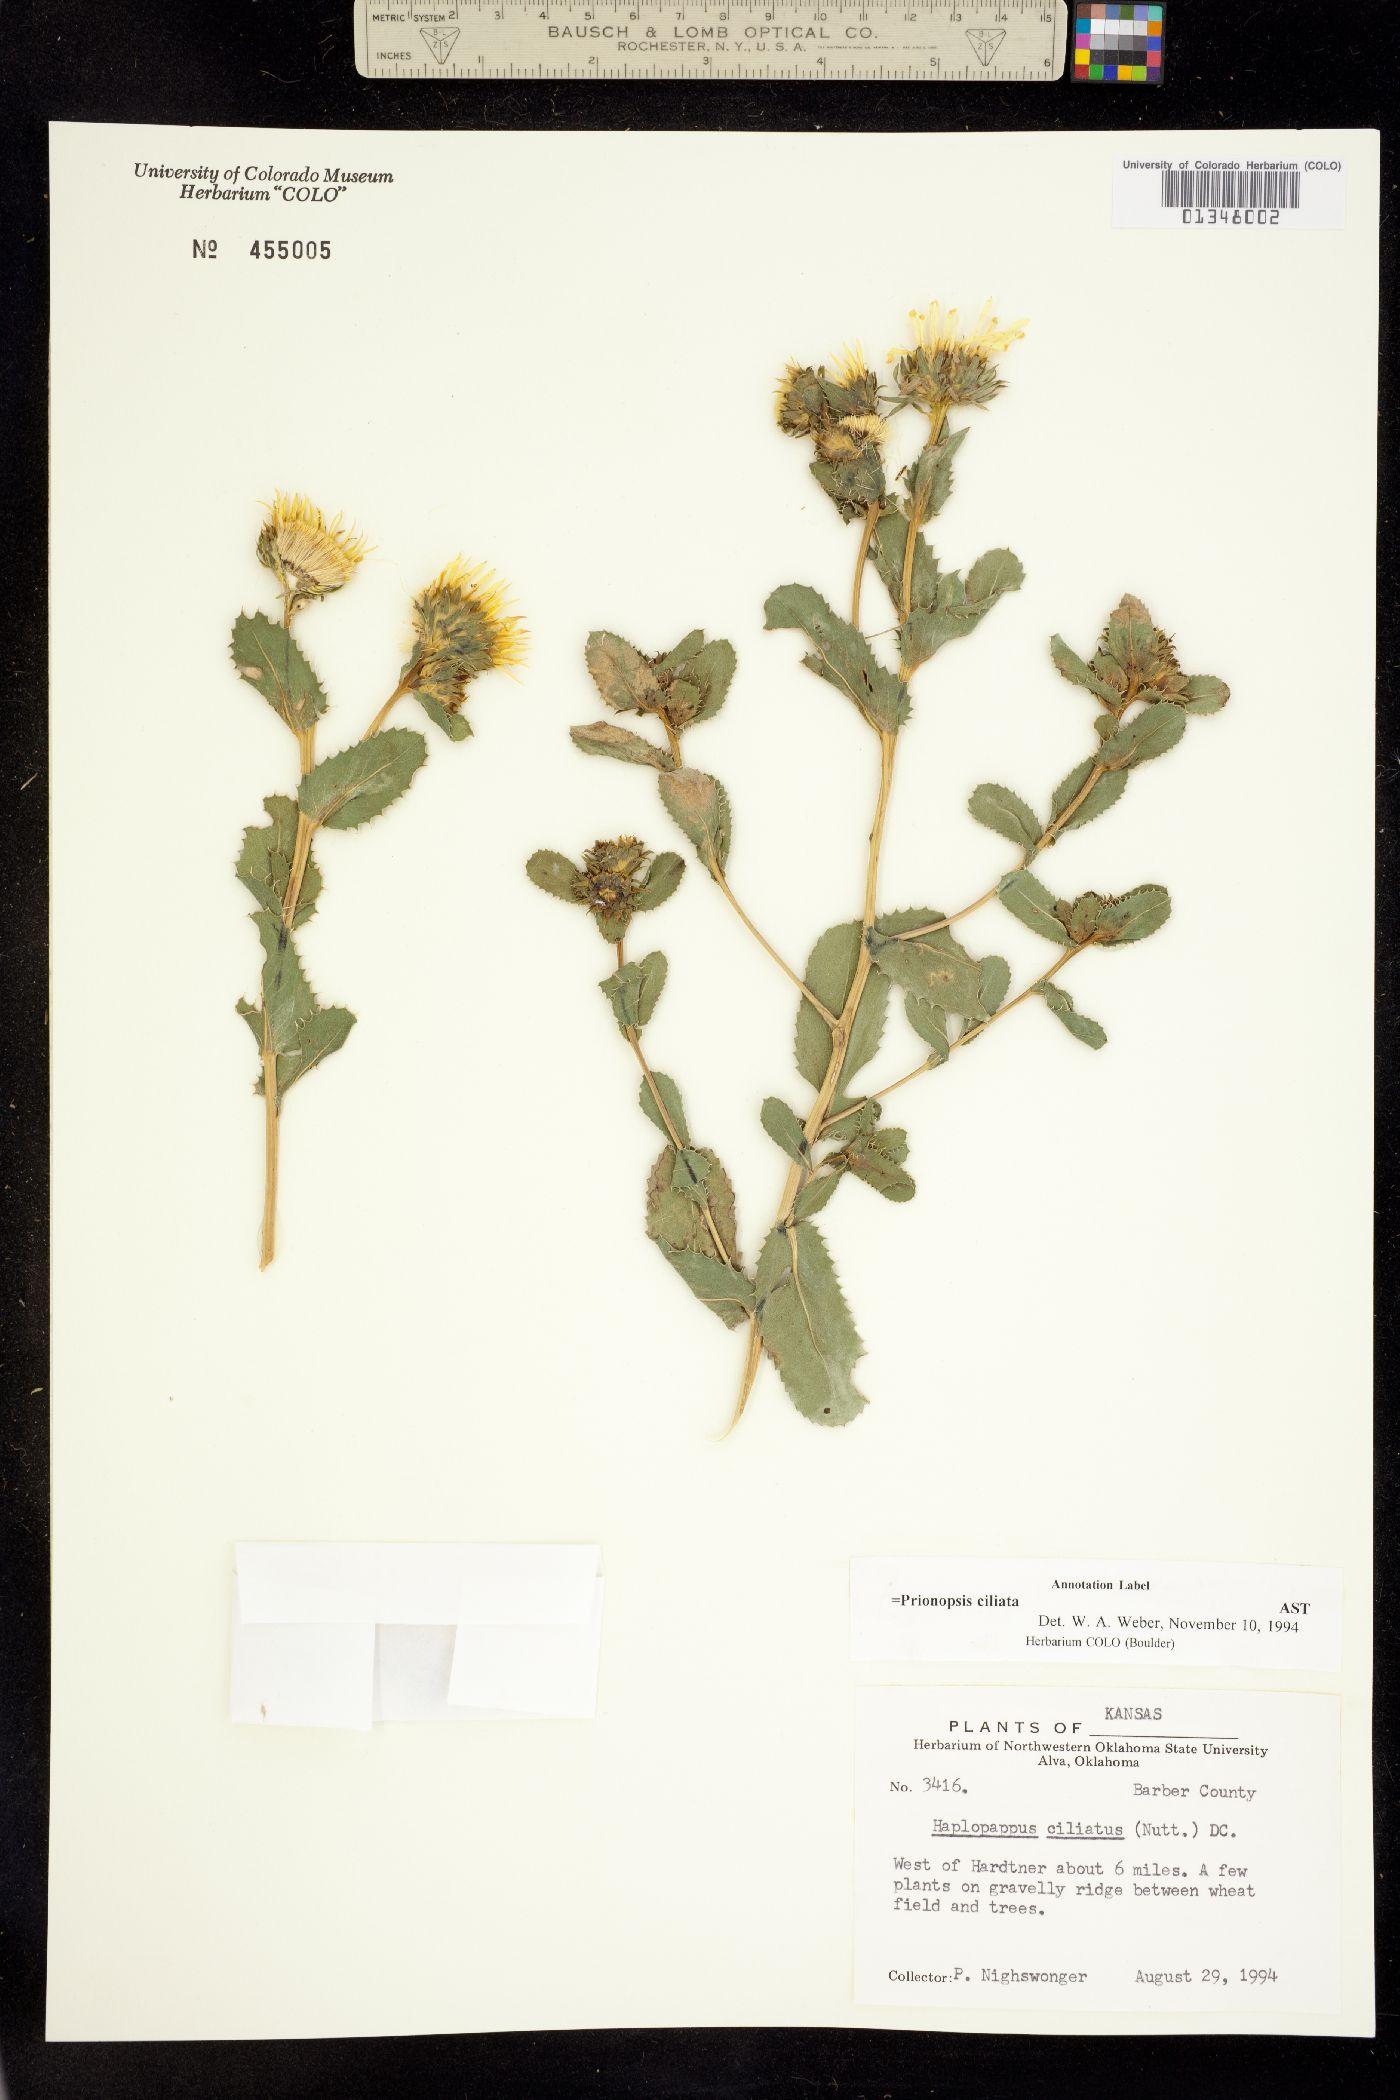 Prionopsis ciliata image